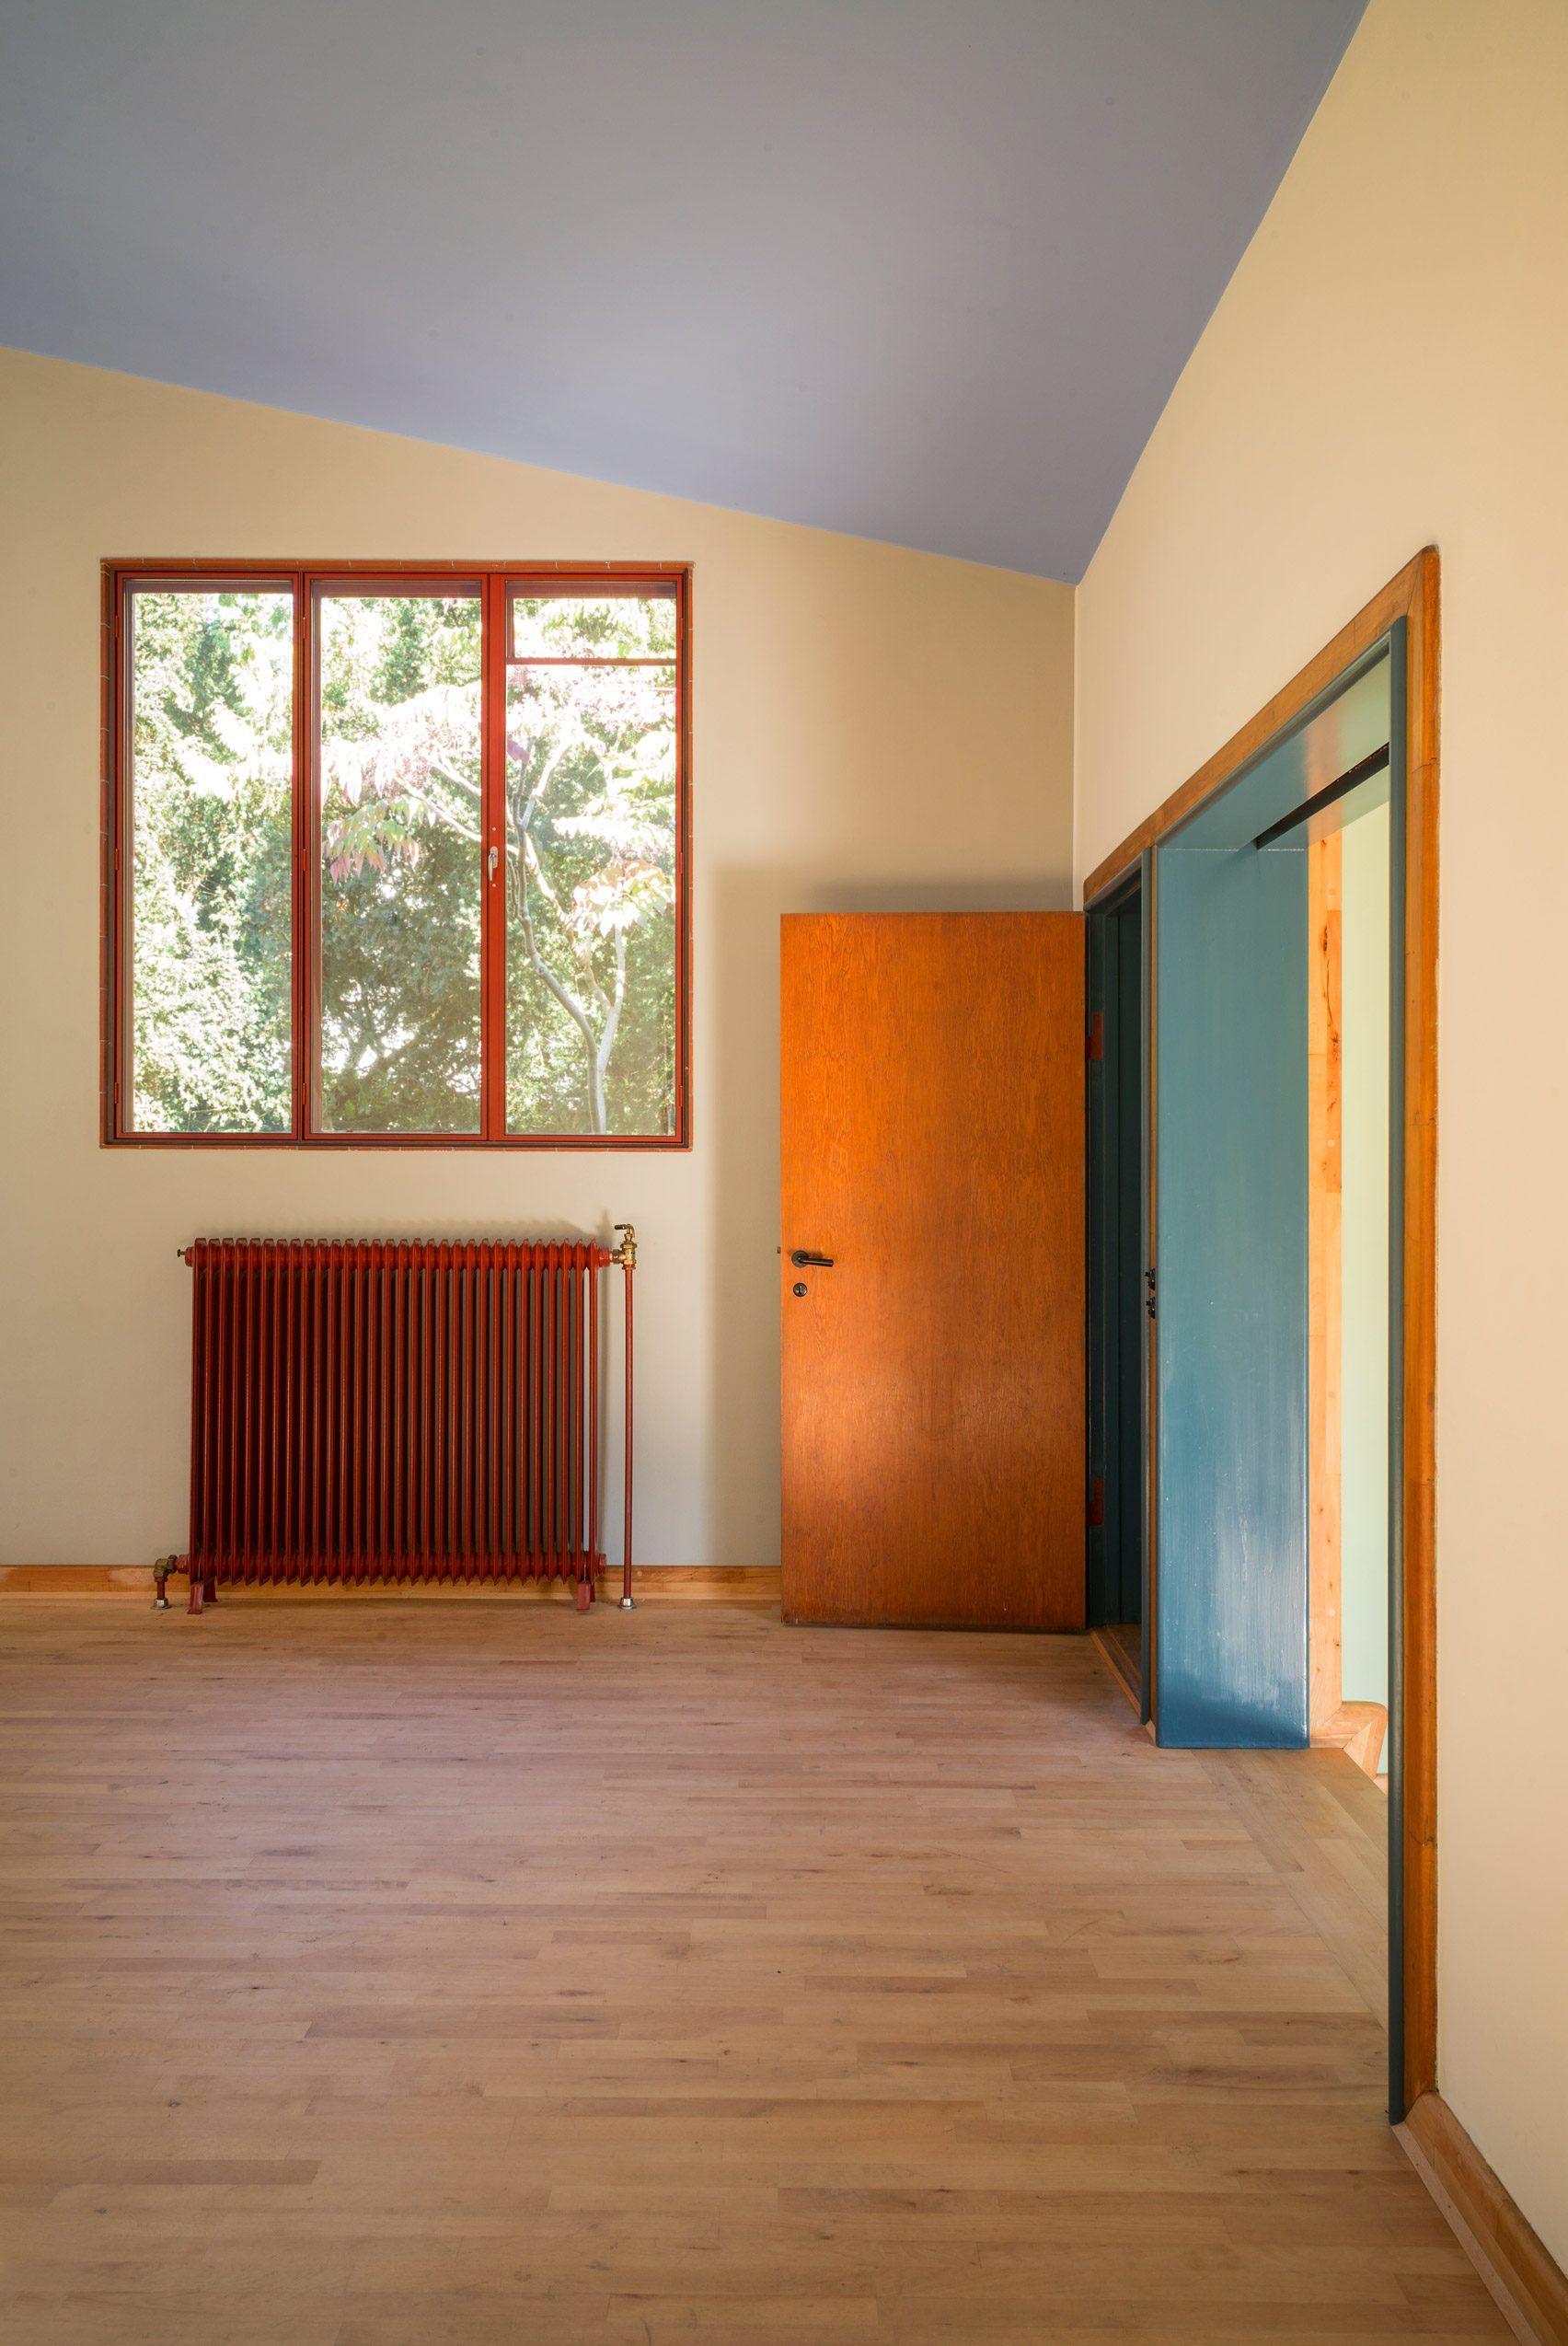 Danish Functionalist Poul Henningsen S Home Designed By Henningsen In 1937 For His Family And Located Outside Copenhagen Interior Arkitekter Og Boligindretning